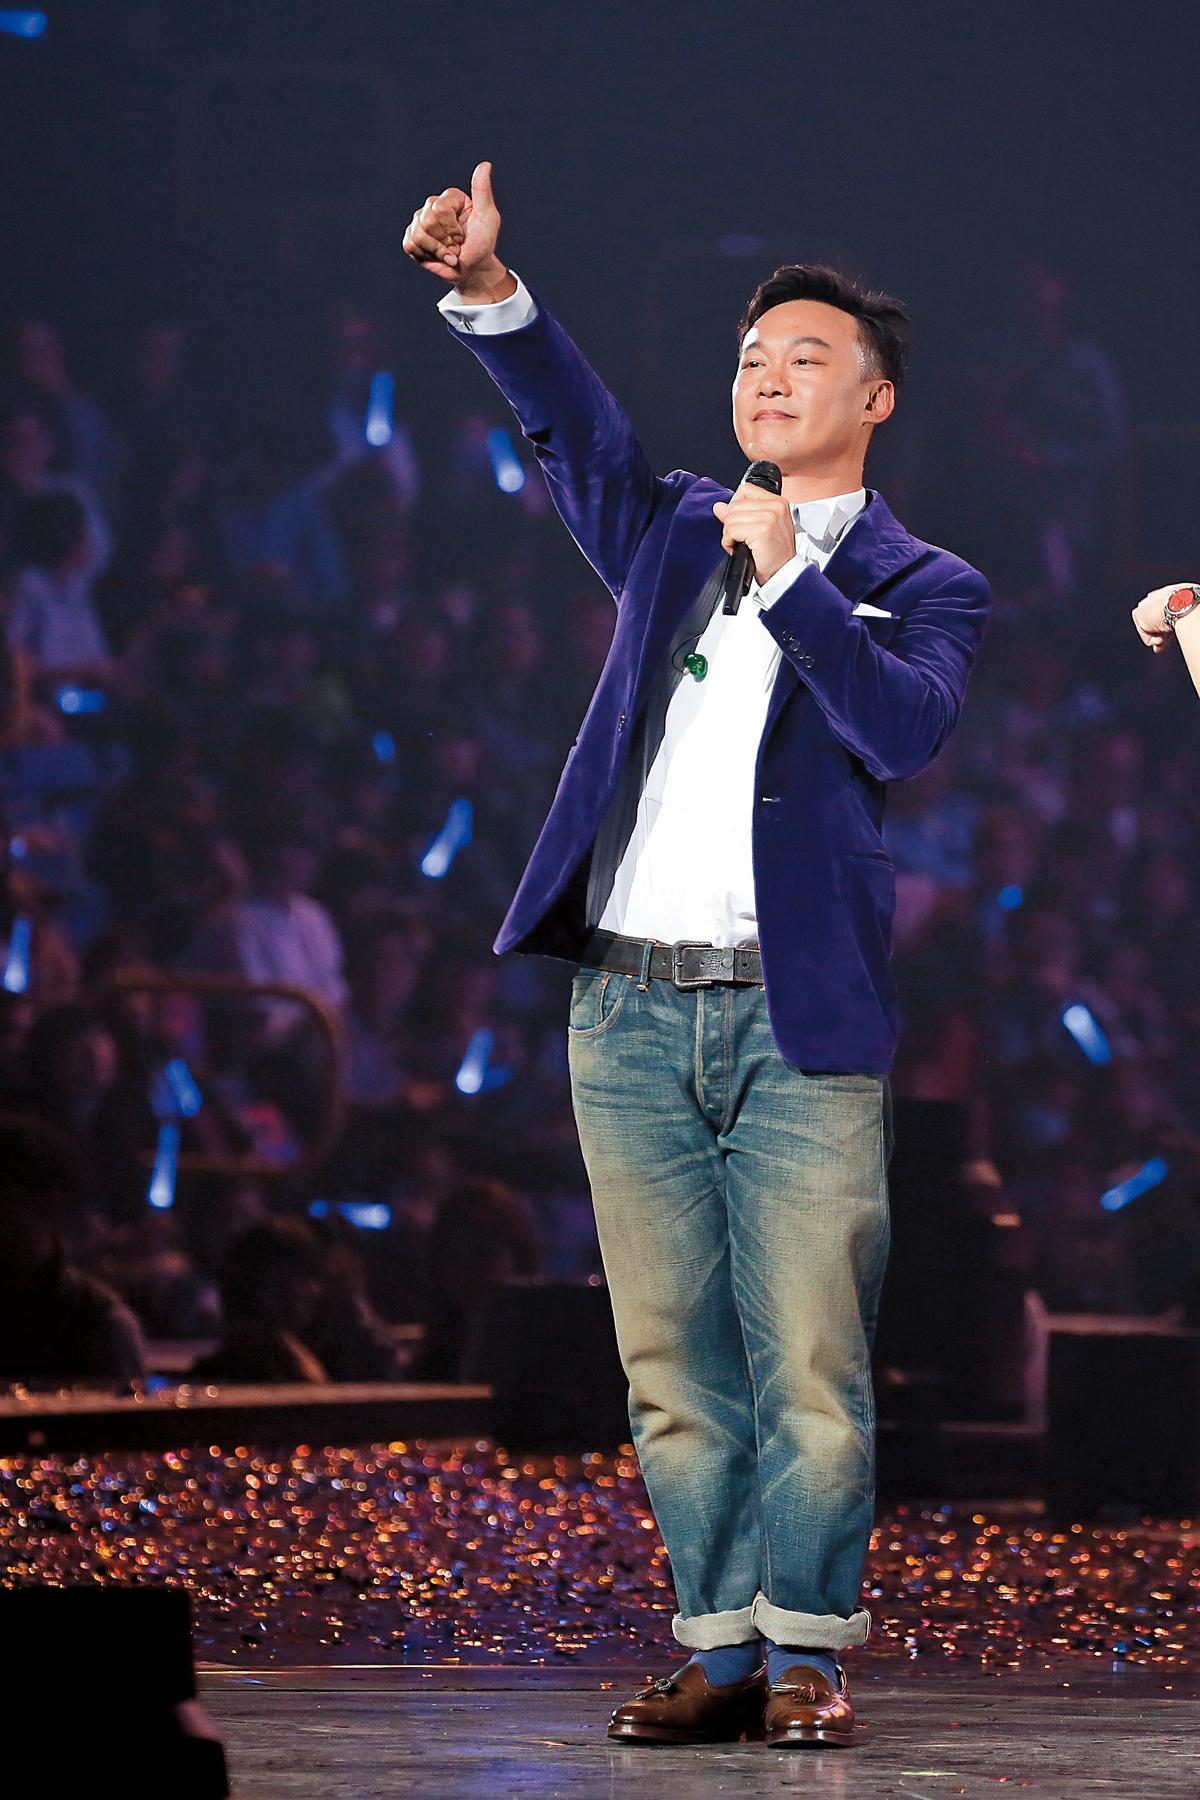 「比讚」常常是豬哥亮或張菲那類秀場出身的綜藝大哥招牌pose,沒想到陳奕迅也跟著好棒棒。